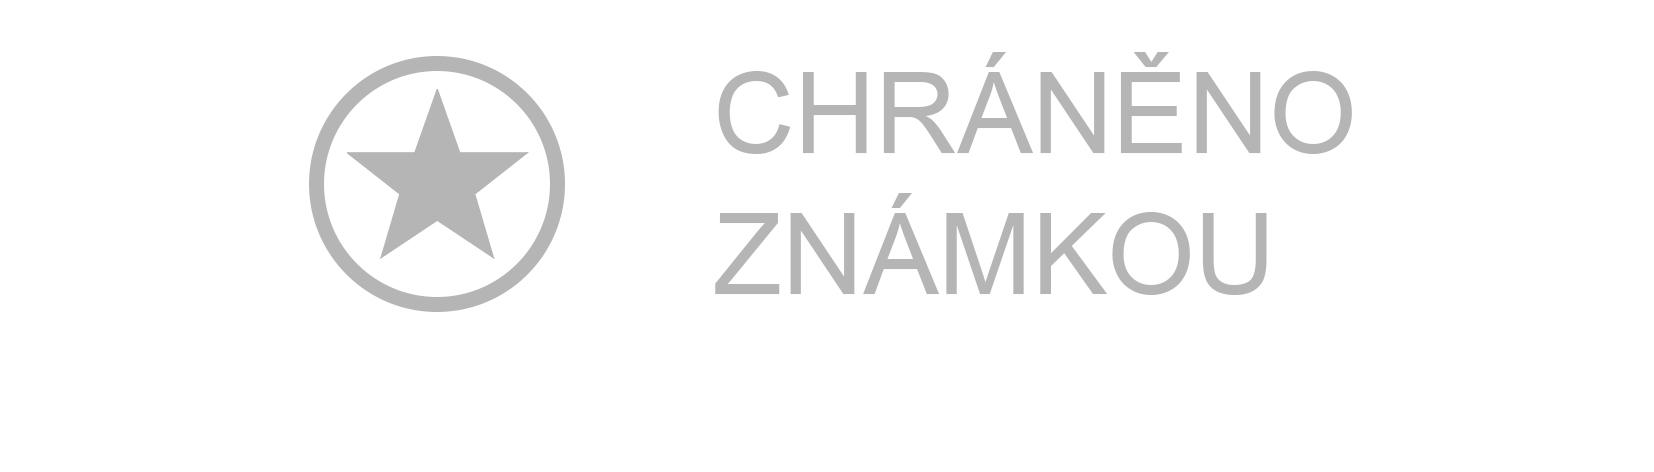 kilový příbor - ochranná známka